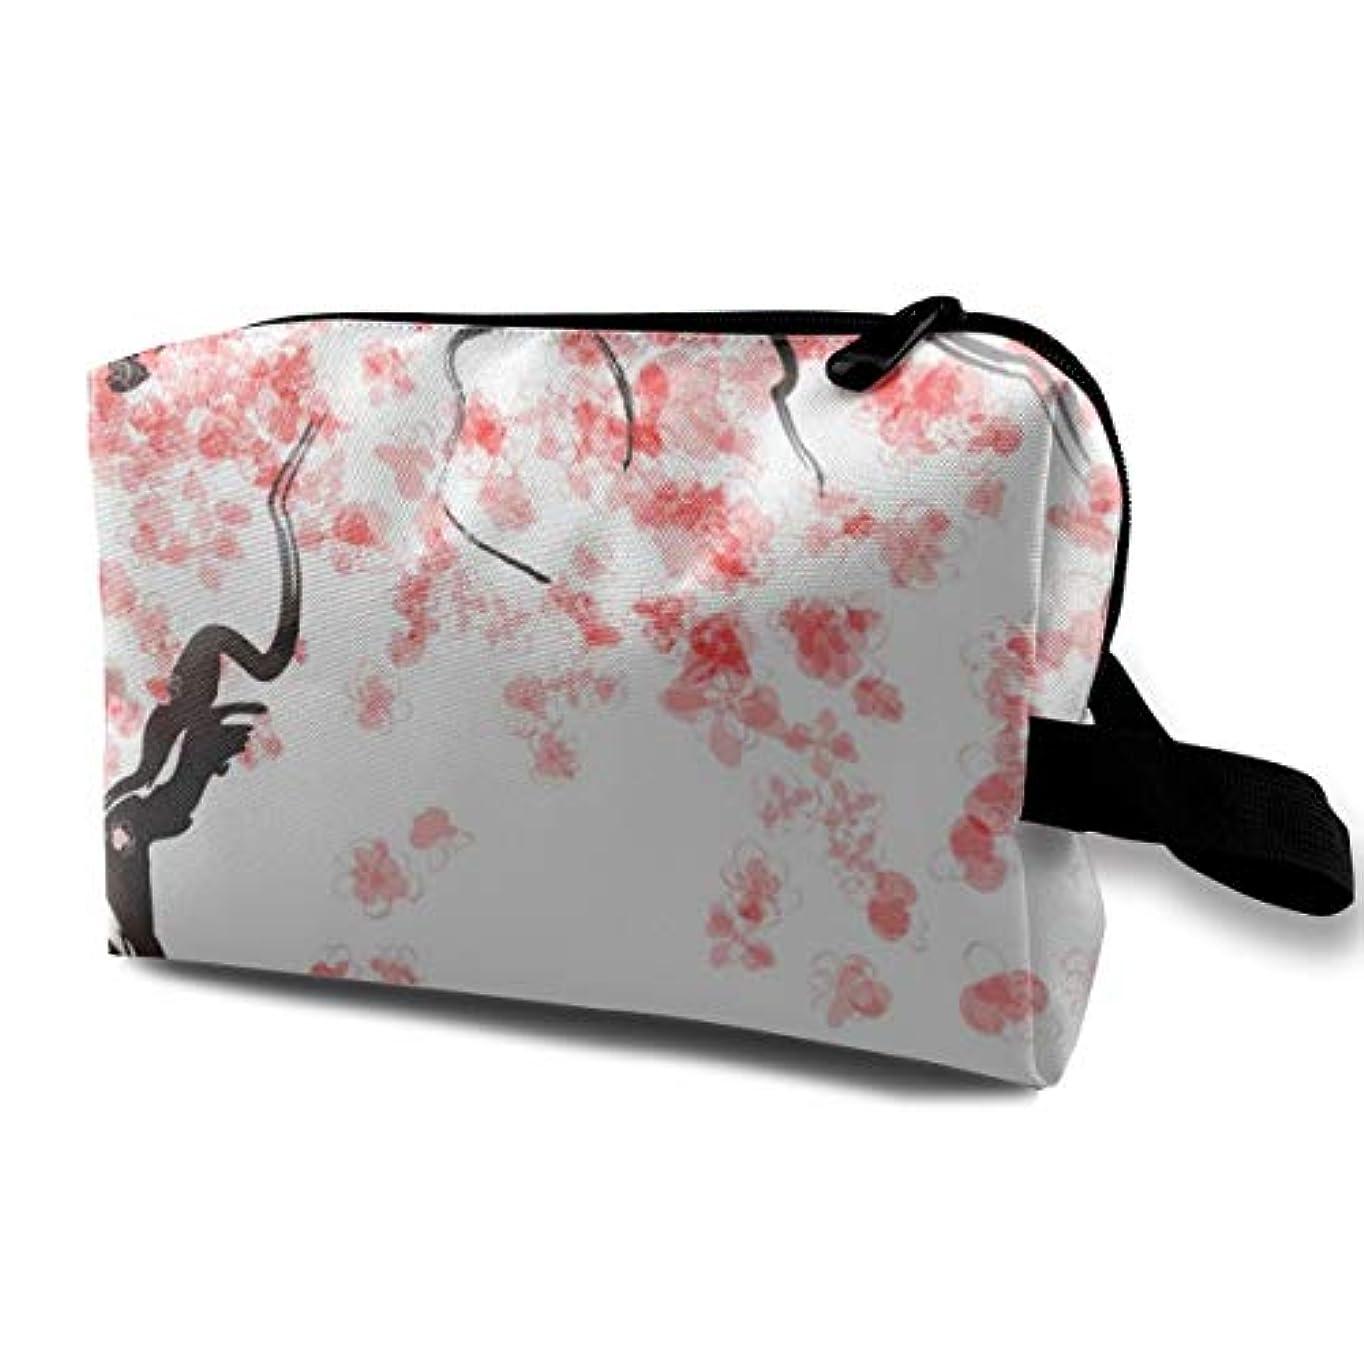 ナイトスポット通常大胆不敵Japanese Cherry Tree Blossom 収納ポーチ 化粧ポーチ 大容量 軽量 耐久性 ハンドル付持ち運び便利。入れ 自宅?出張?旅行?アウトドア撮影などに対応。メンズ レディース トラベルグッズ